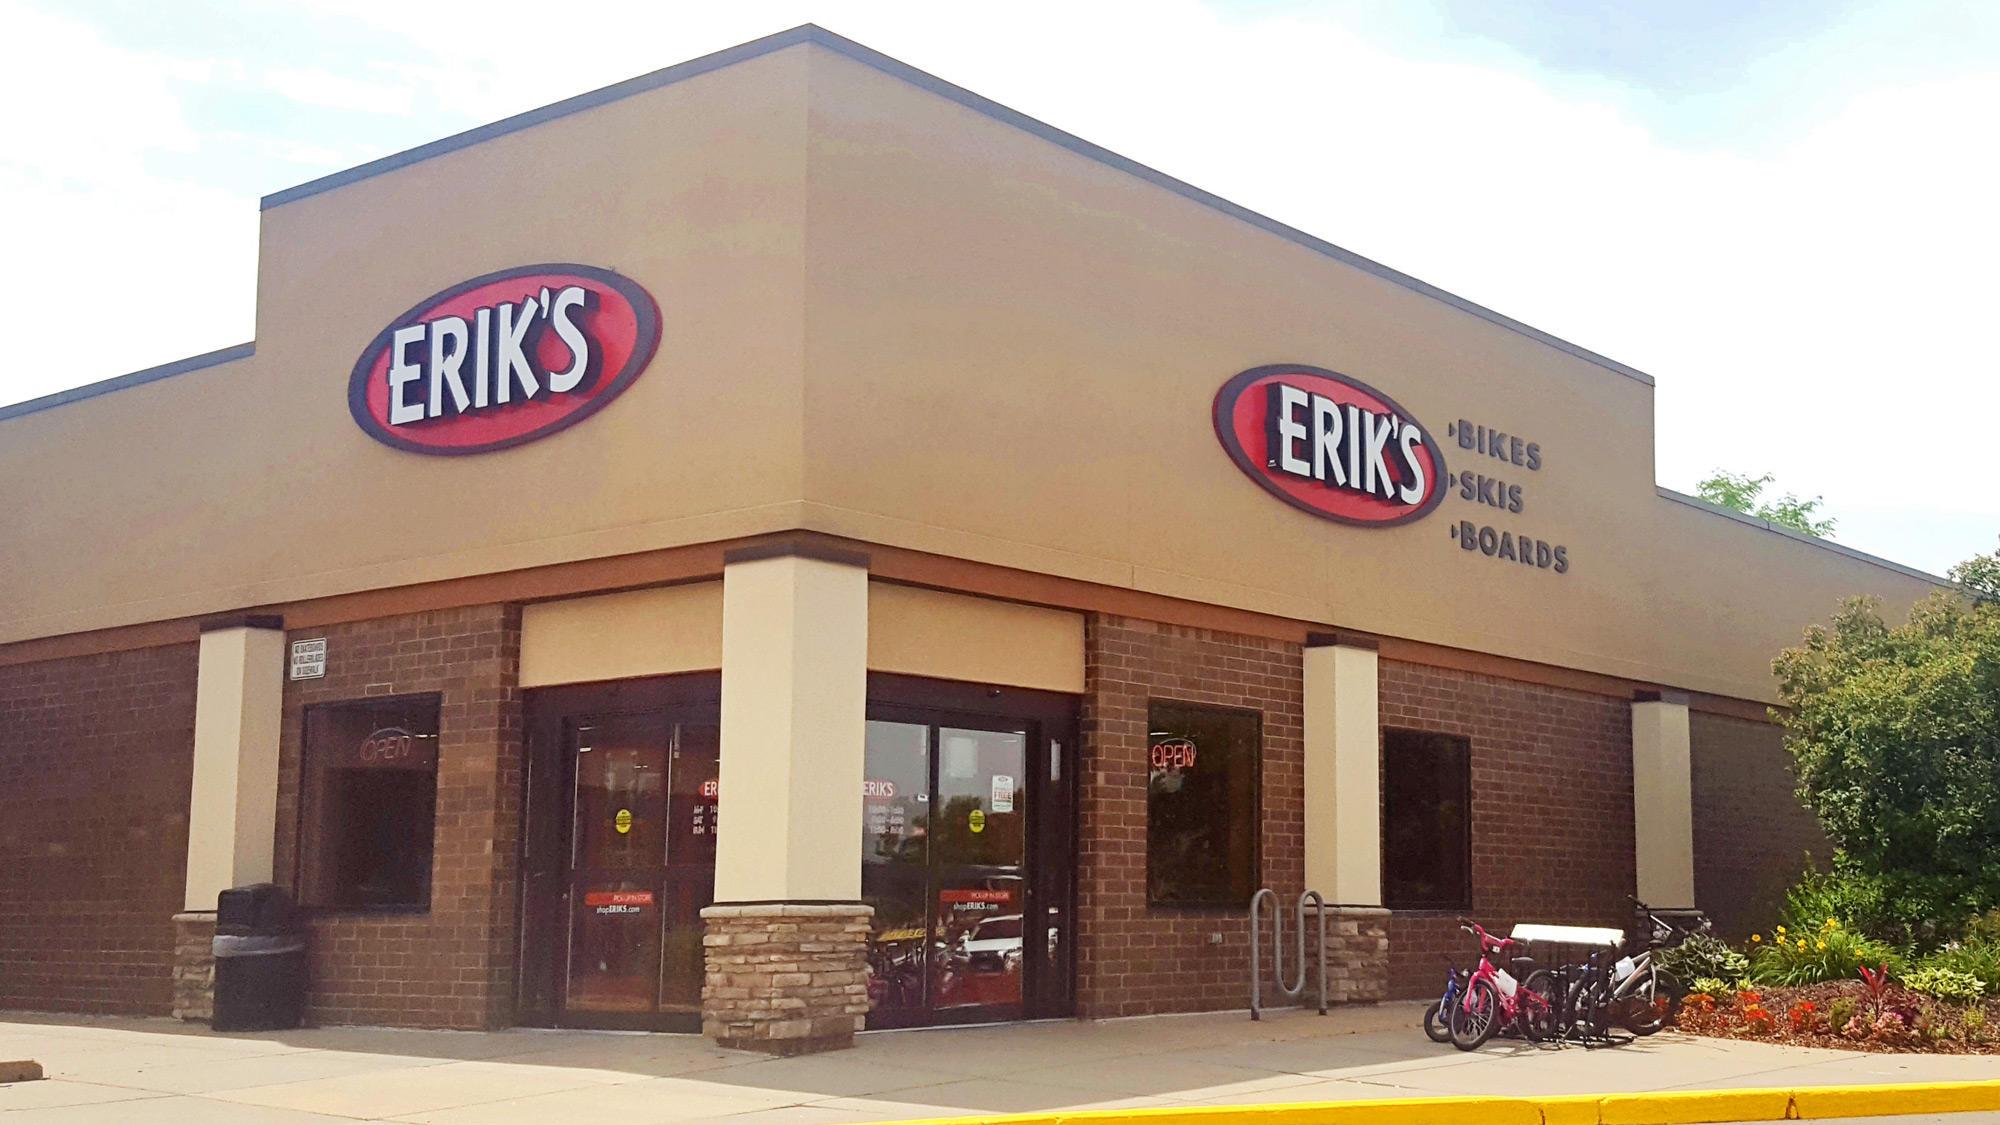 Burnsville Eriks bike shop storefront